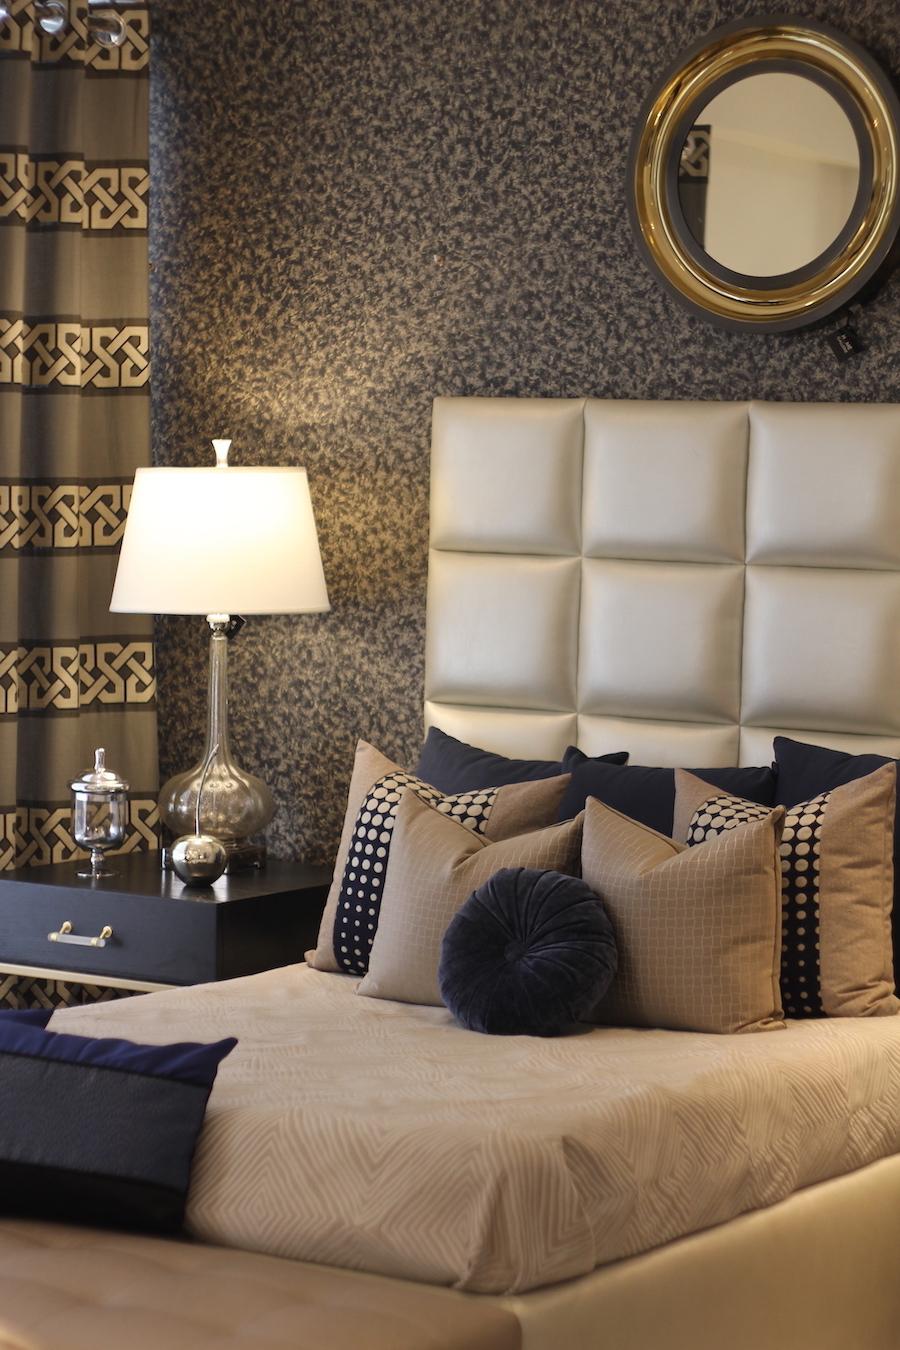 Cómo decorar con dorado la habitación prinicipal - Home Gallerie